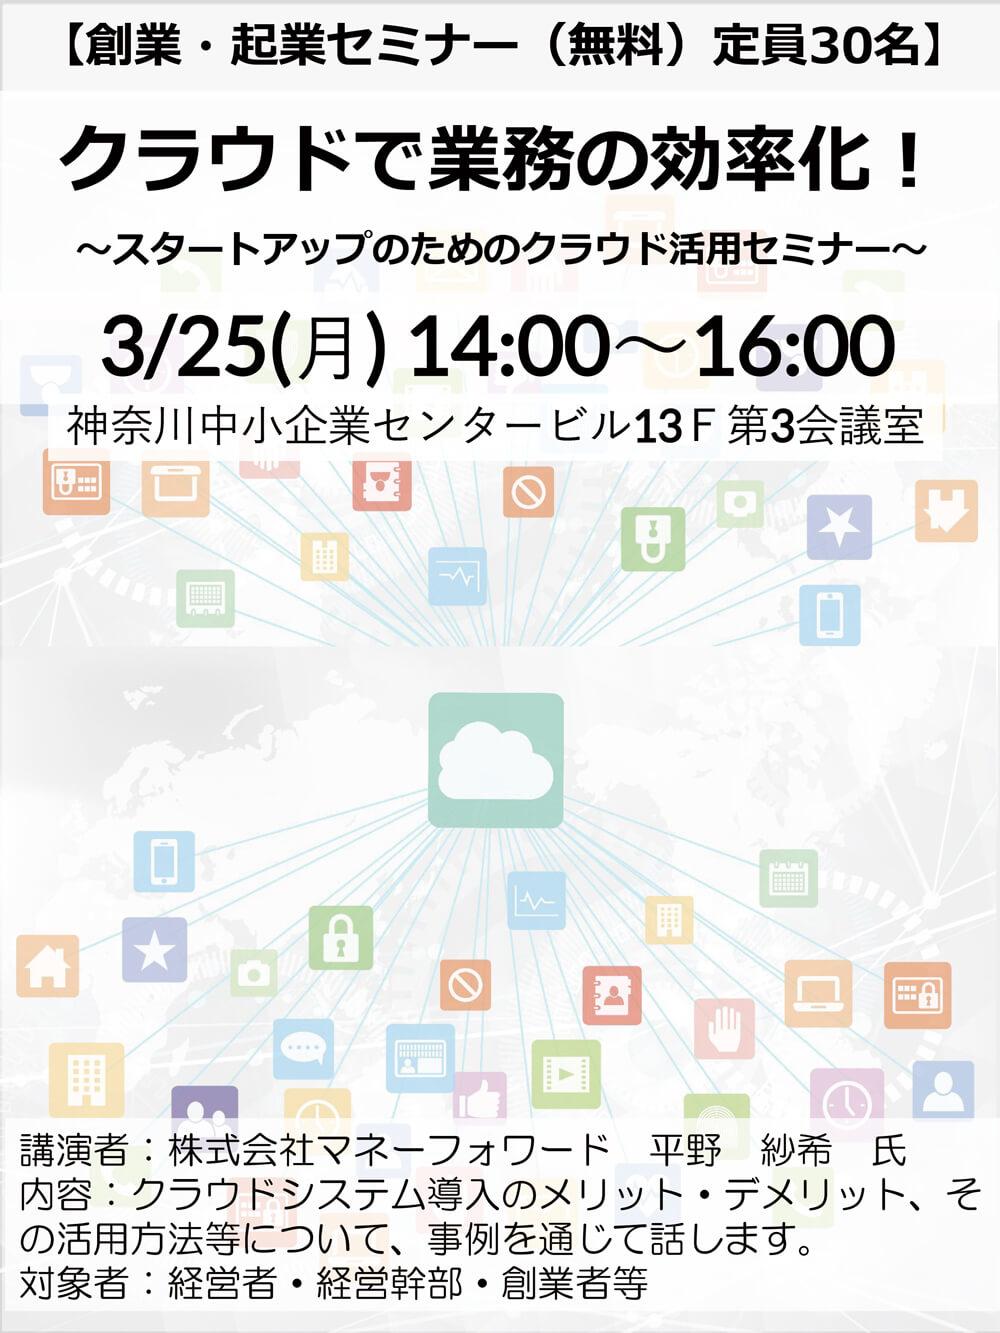 【3/25】「クラウドで業務の効率化!~スタートアップのためのクラウド活用セミナー~」